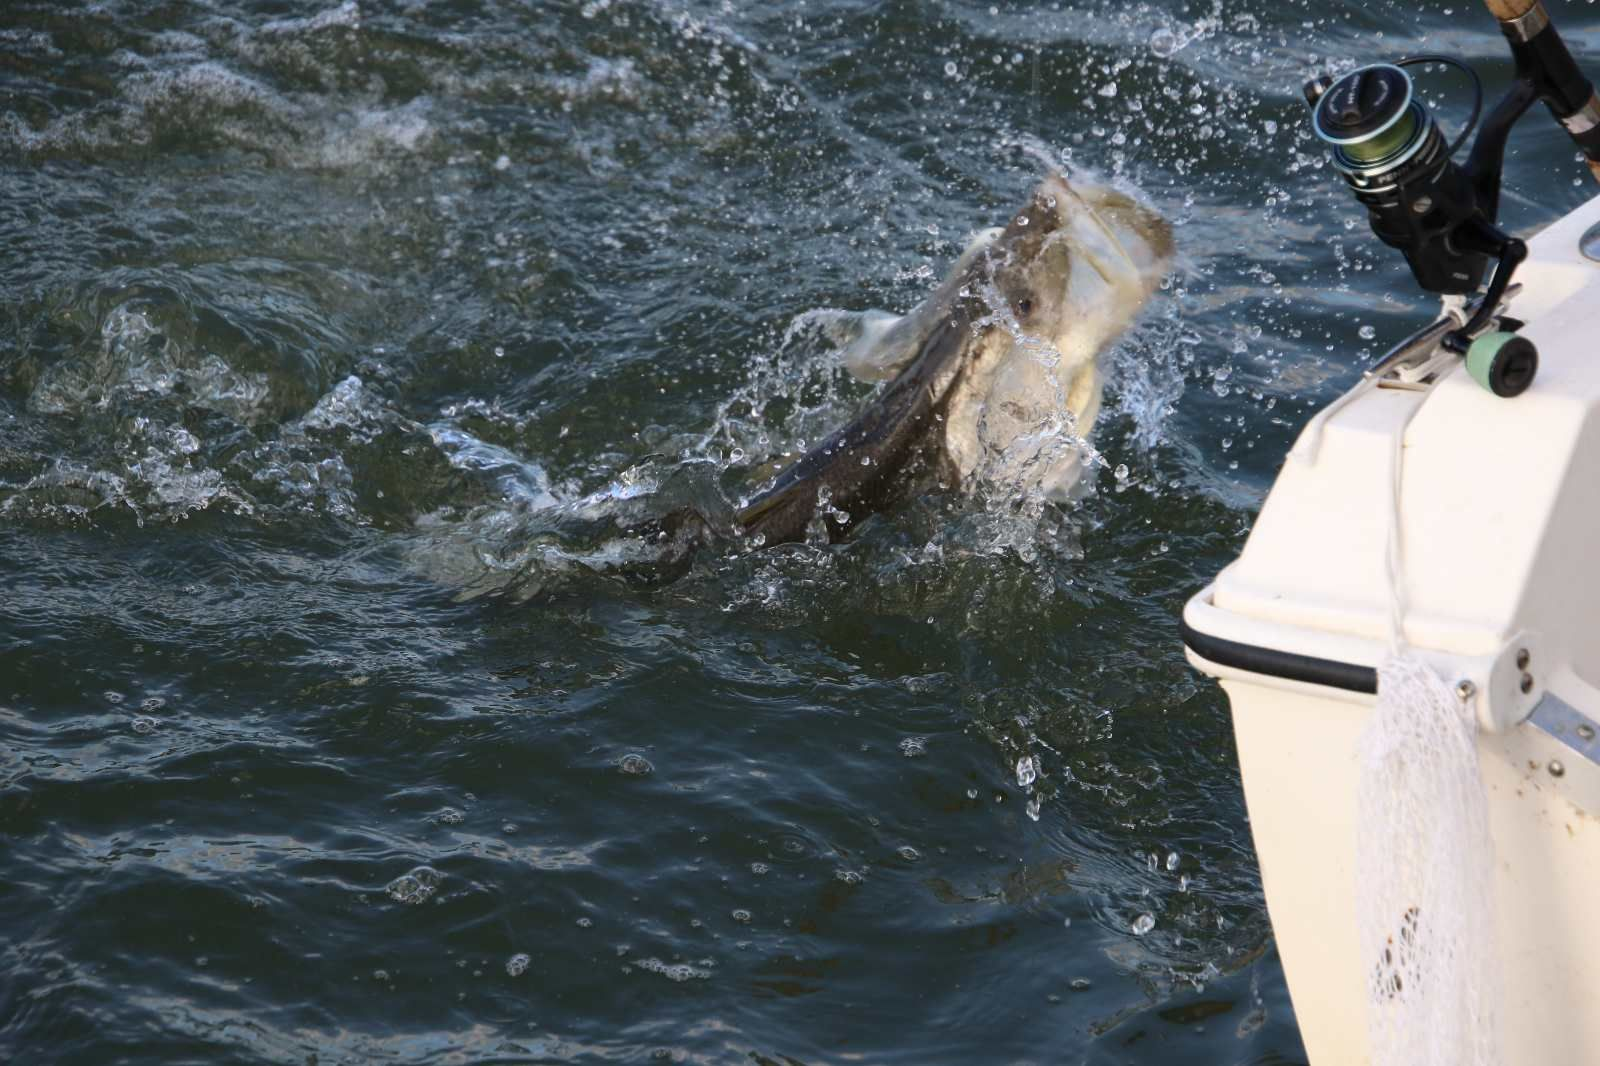 Sanibel Island Snook Fishing Fort Myers